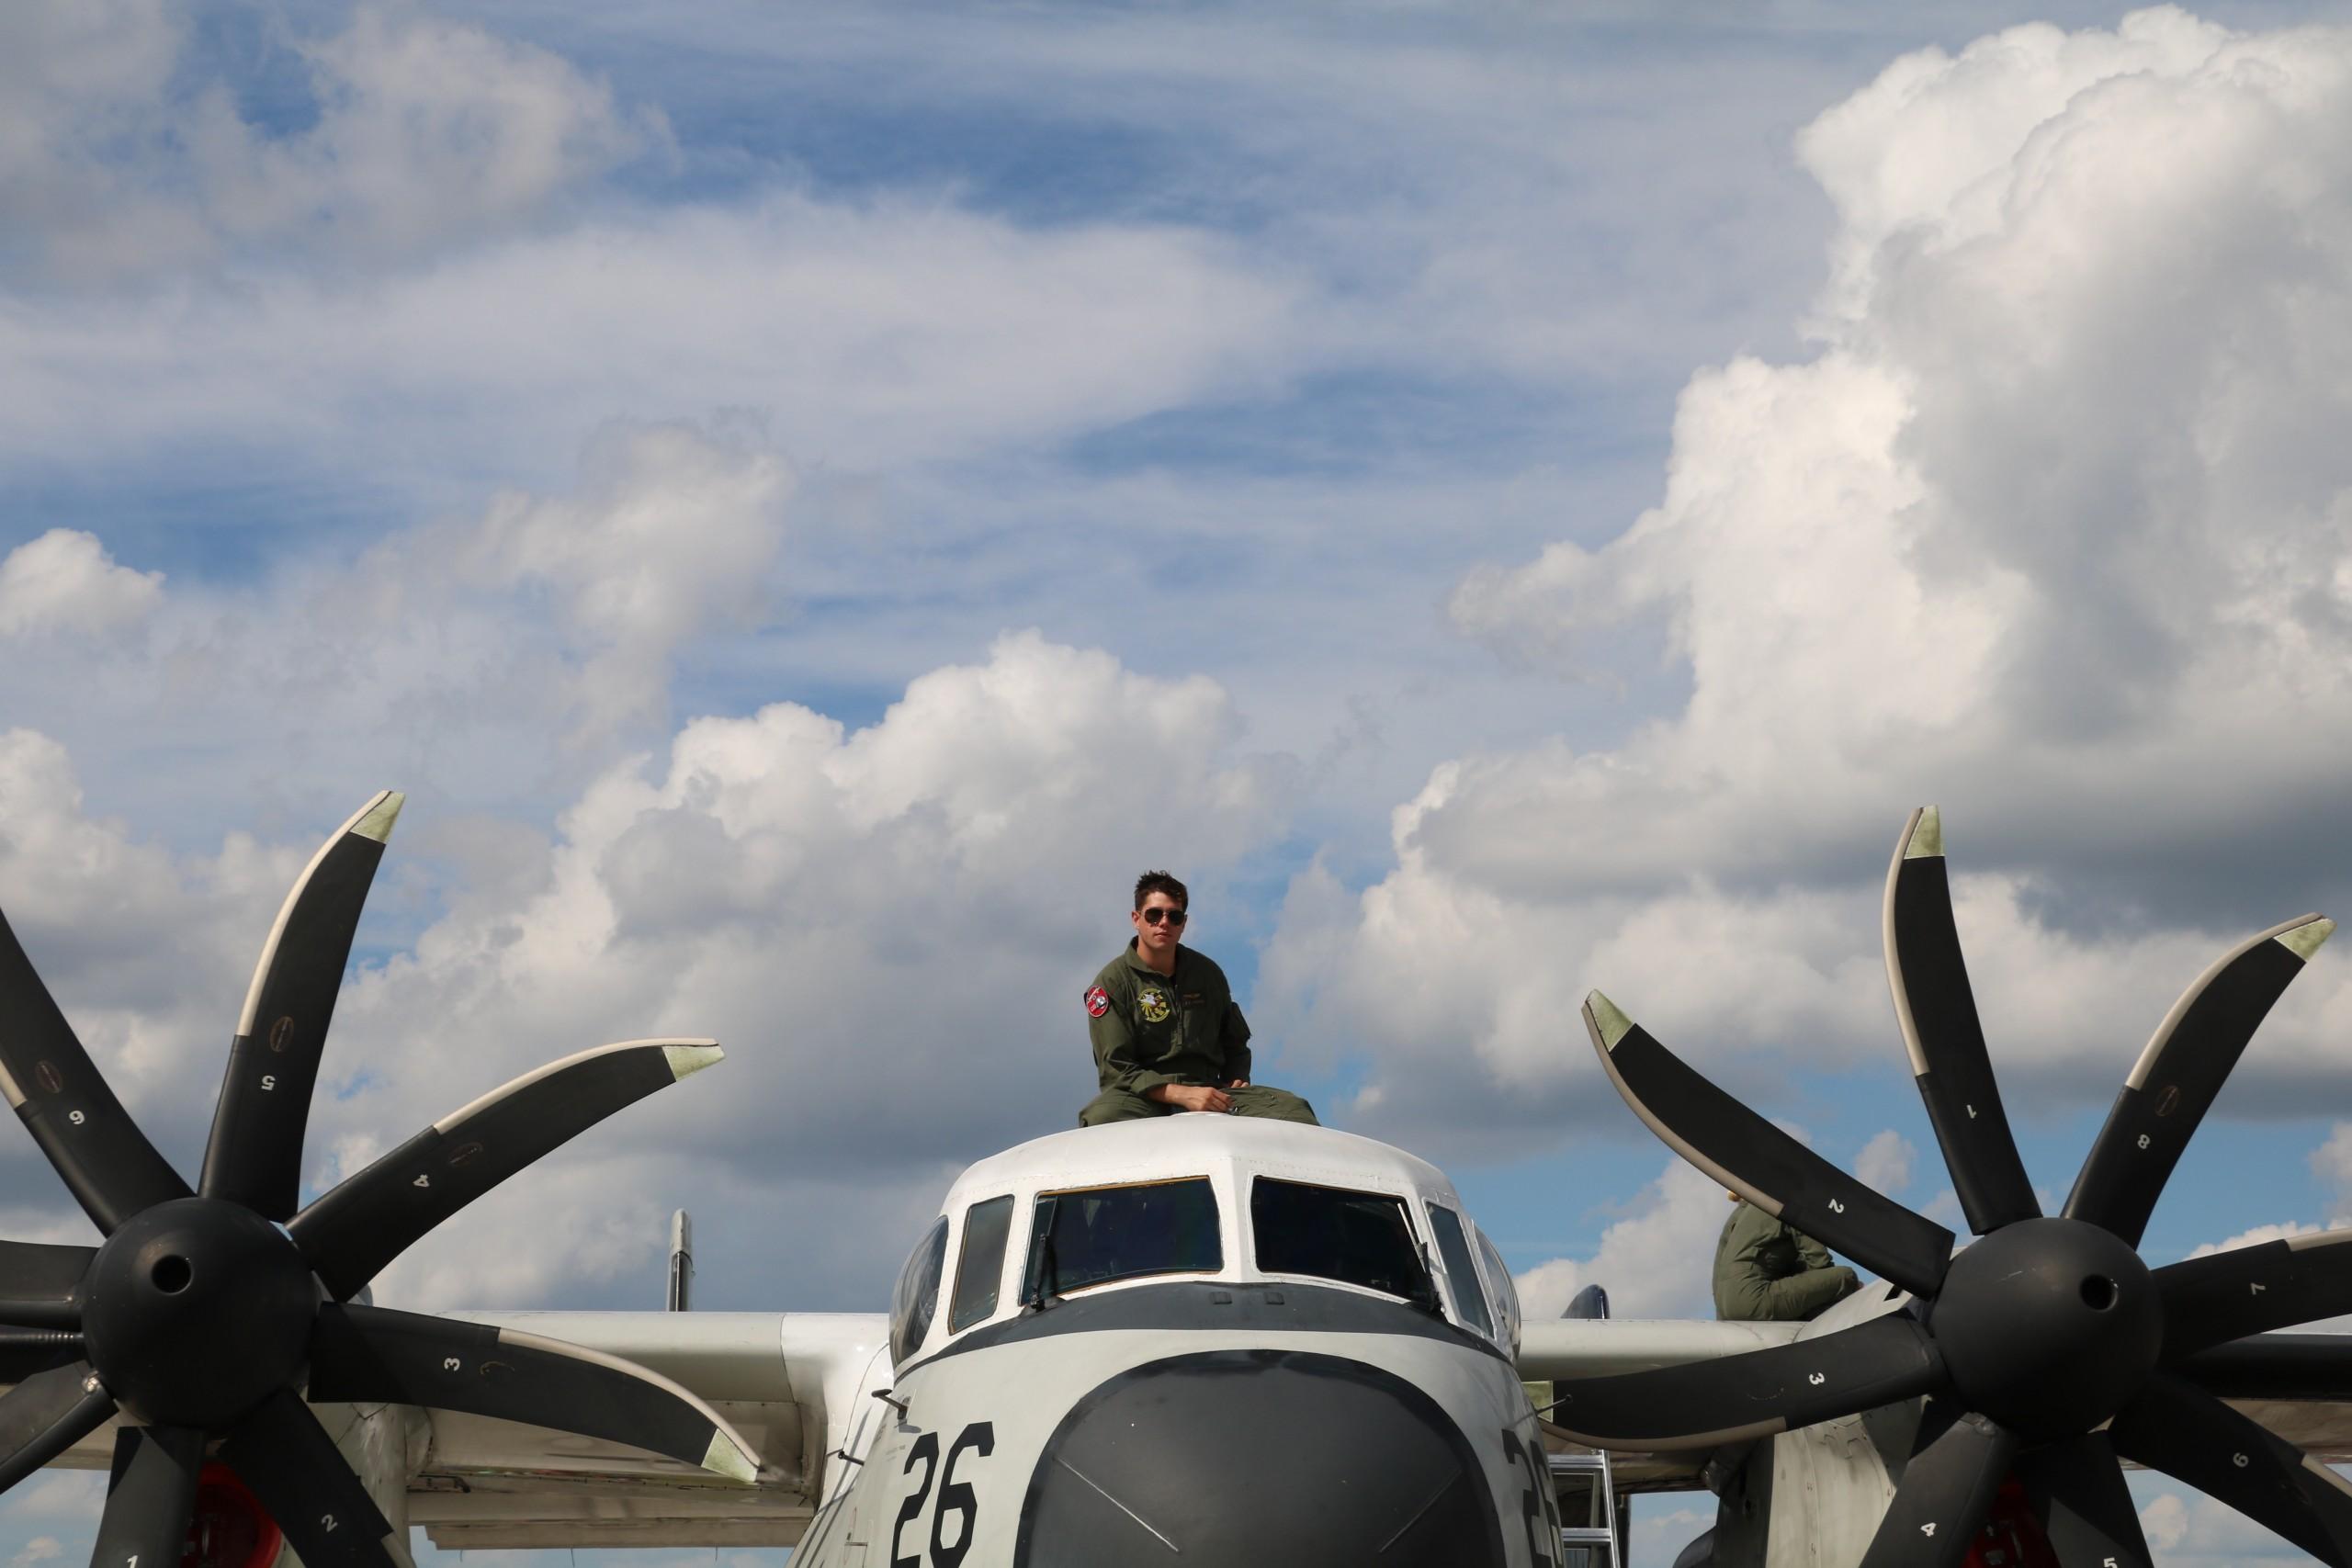 Becoming a pilot